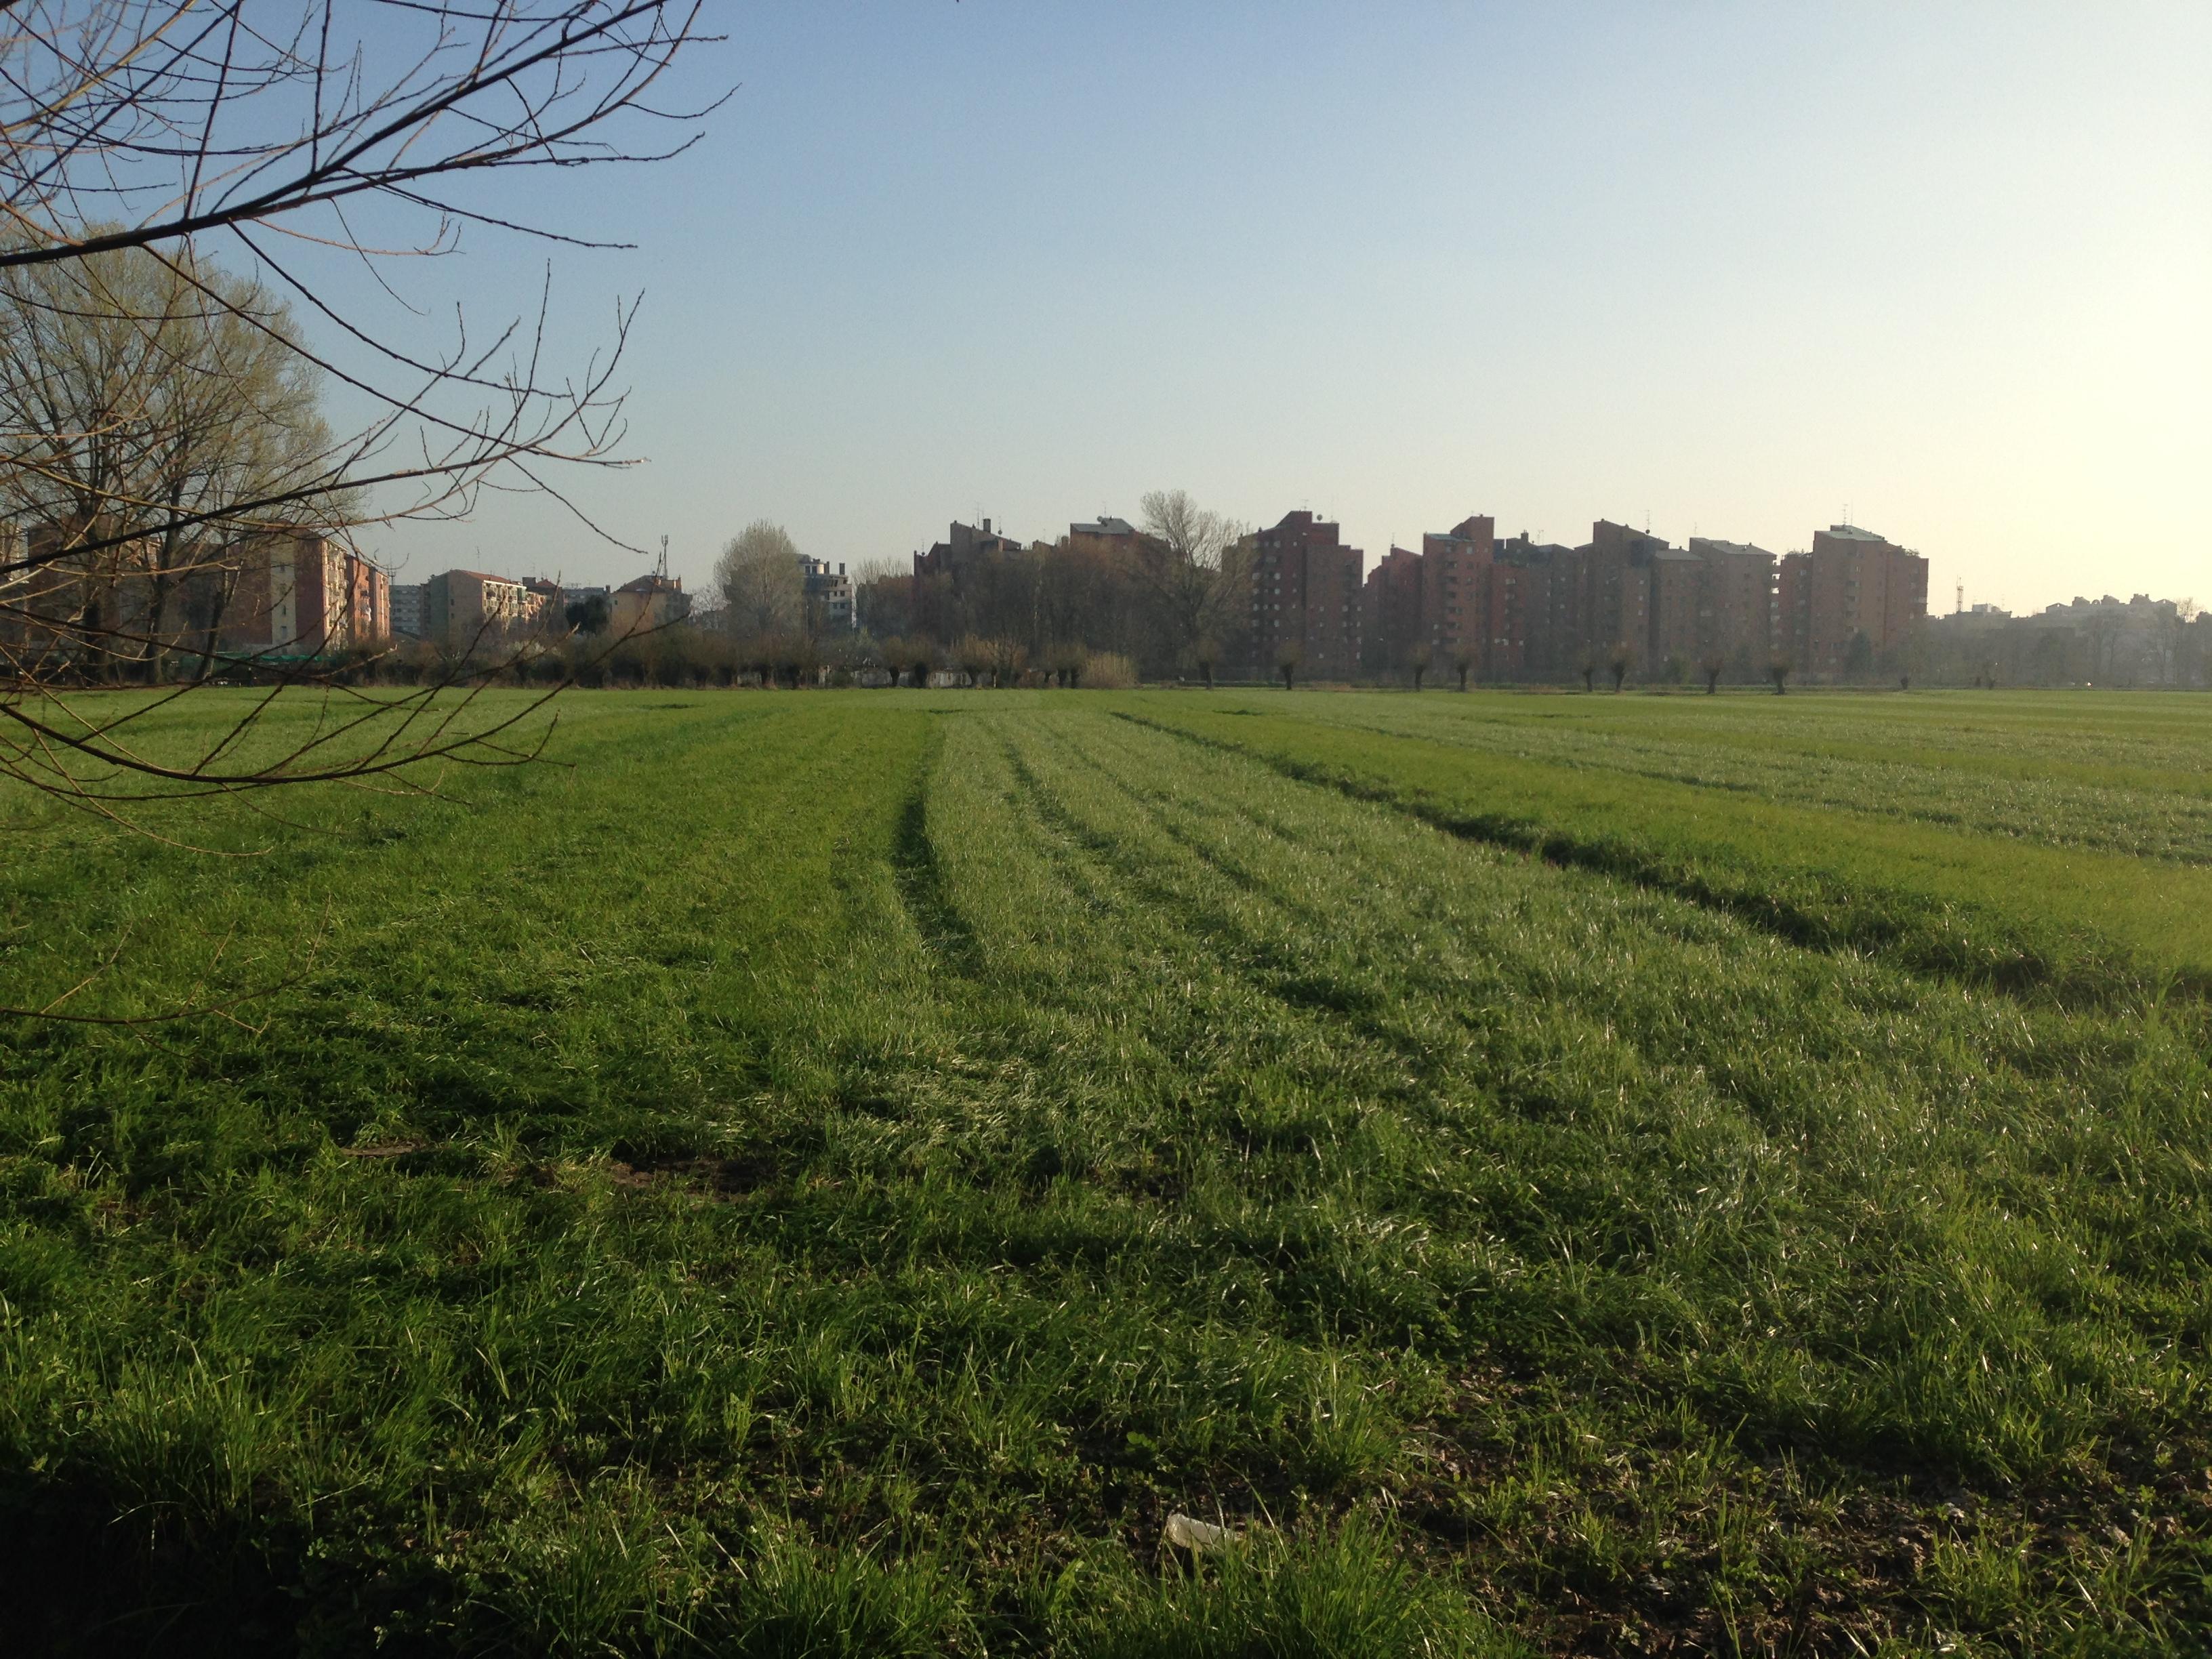 La città che erode la campagna, nei pressi della Cascina Linterno, a Milano (foto di Robert Ribaudo per Ciabattine)